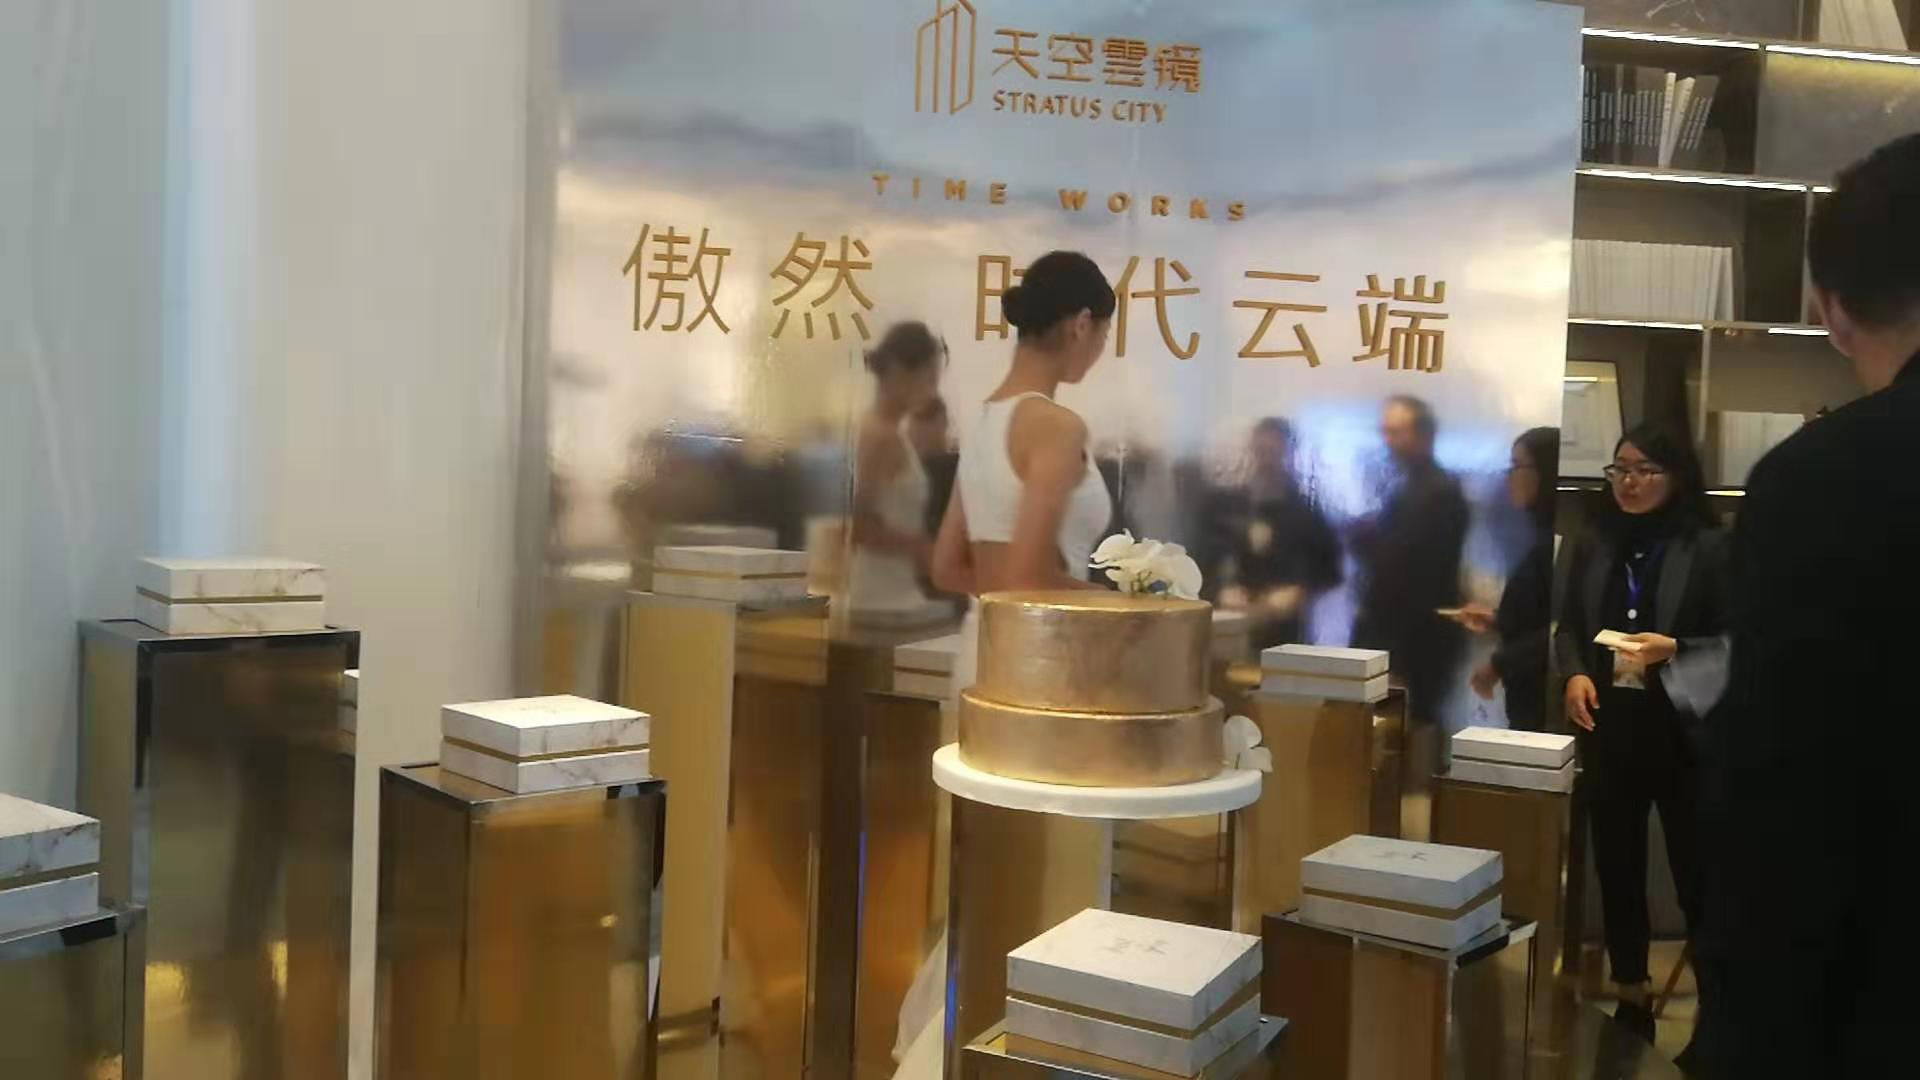 天空云镜销售中心惊艳亮相  市民争先体验-中国网地产